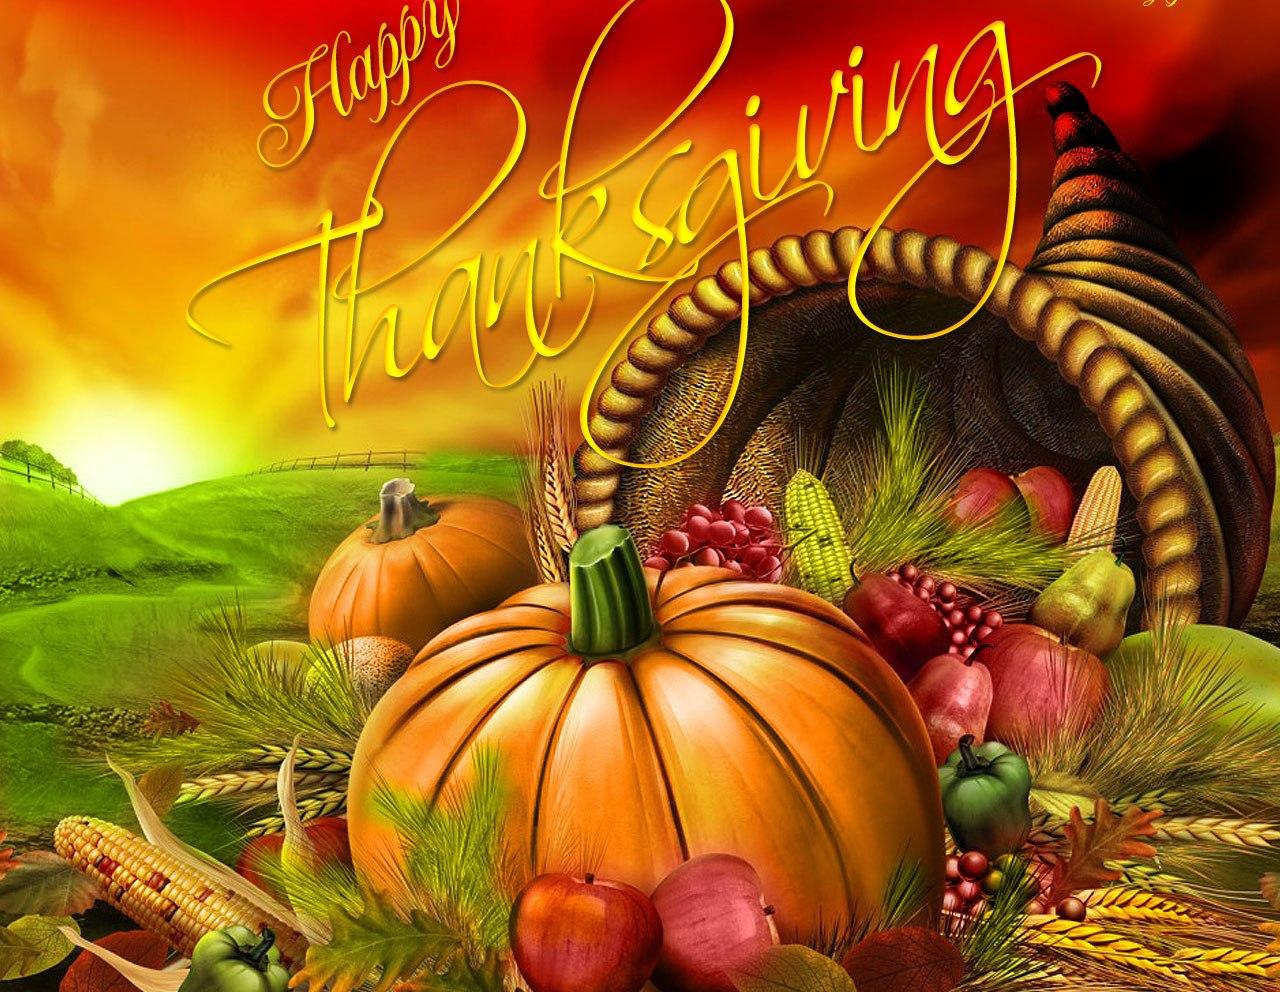 Картинки по запросу happy thanksgiving day